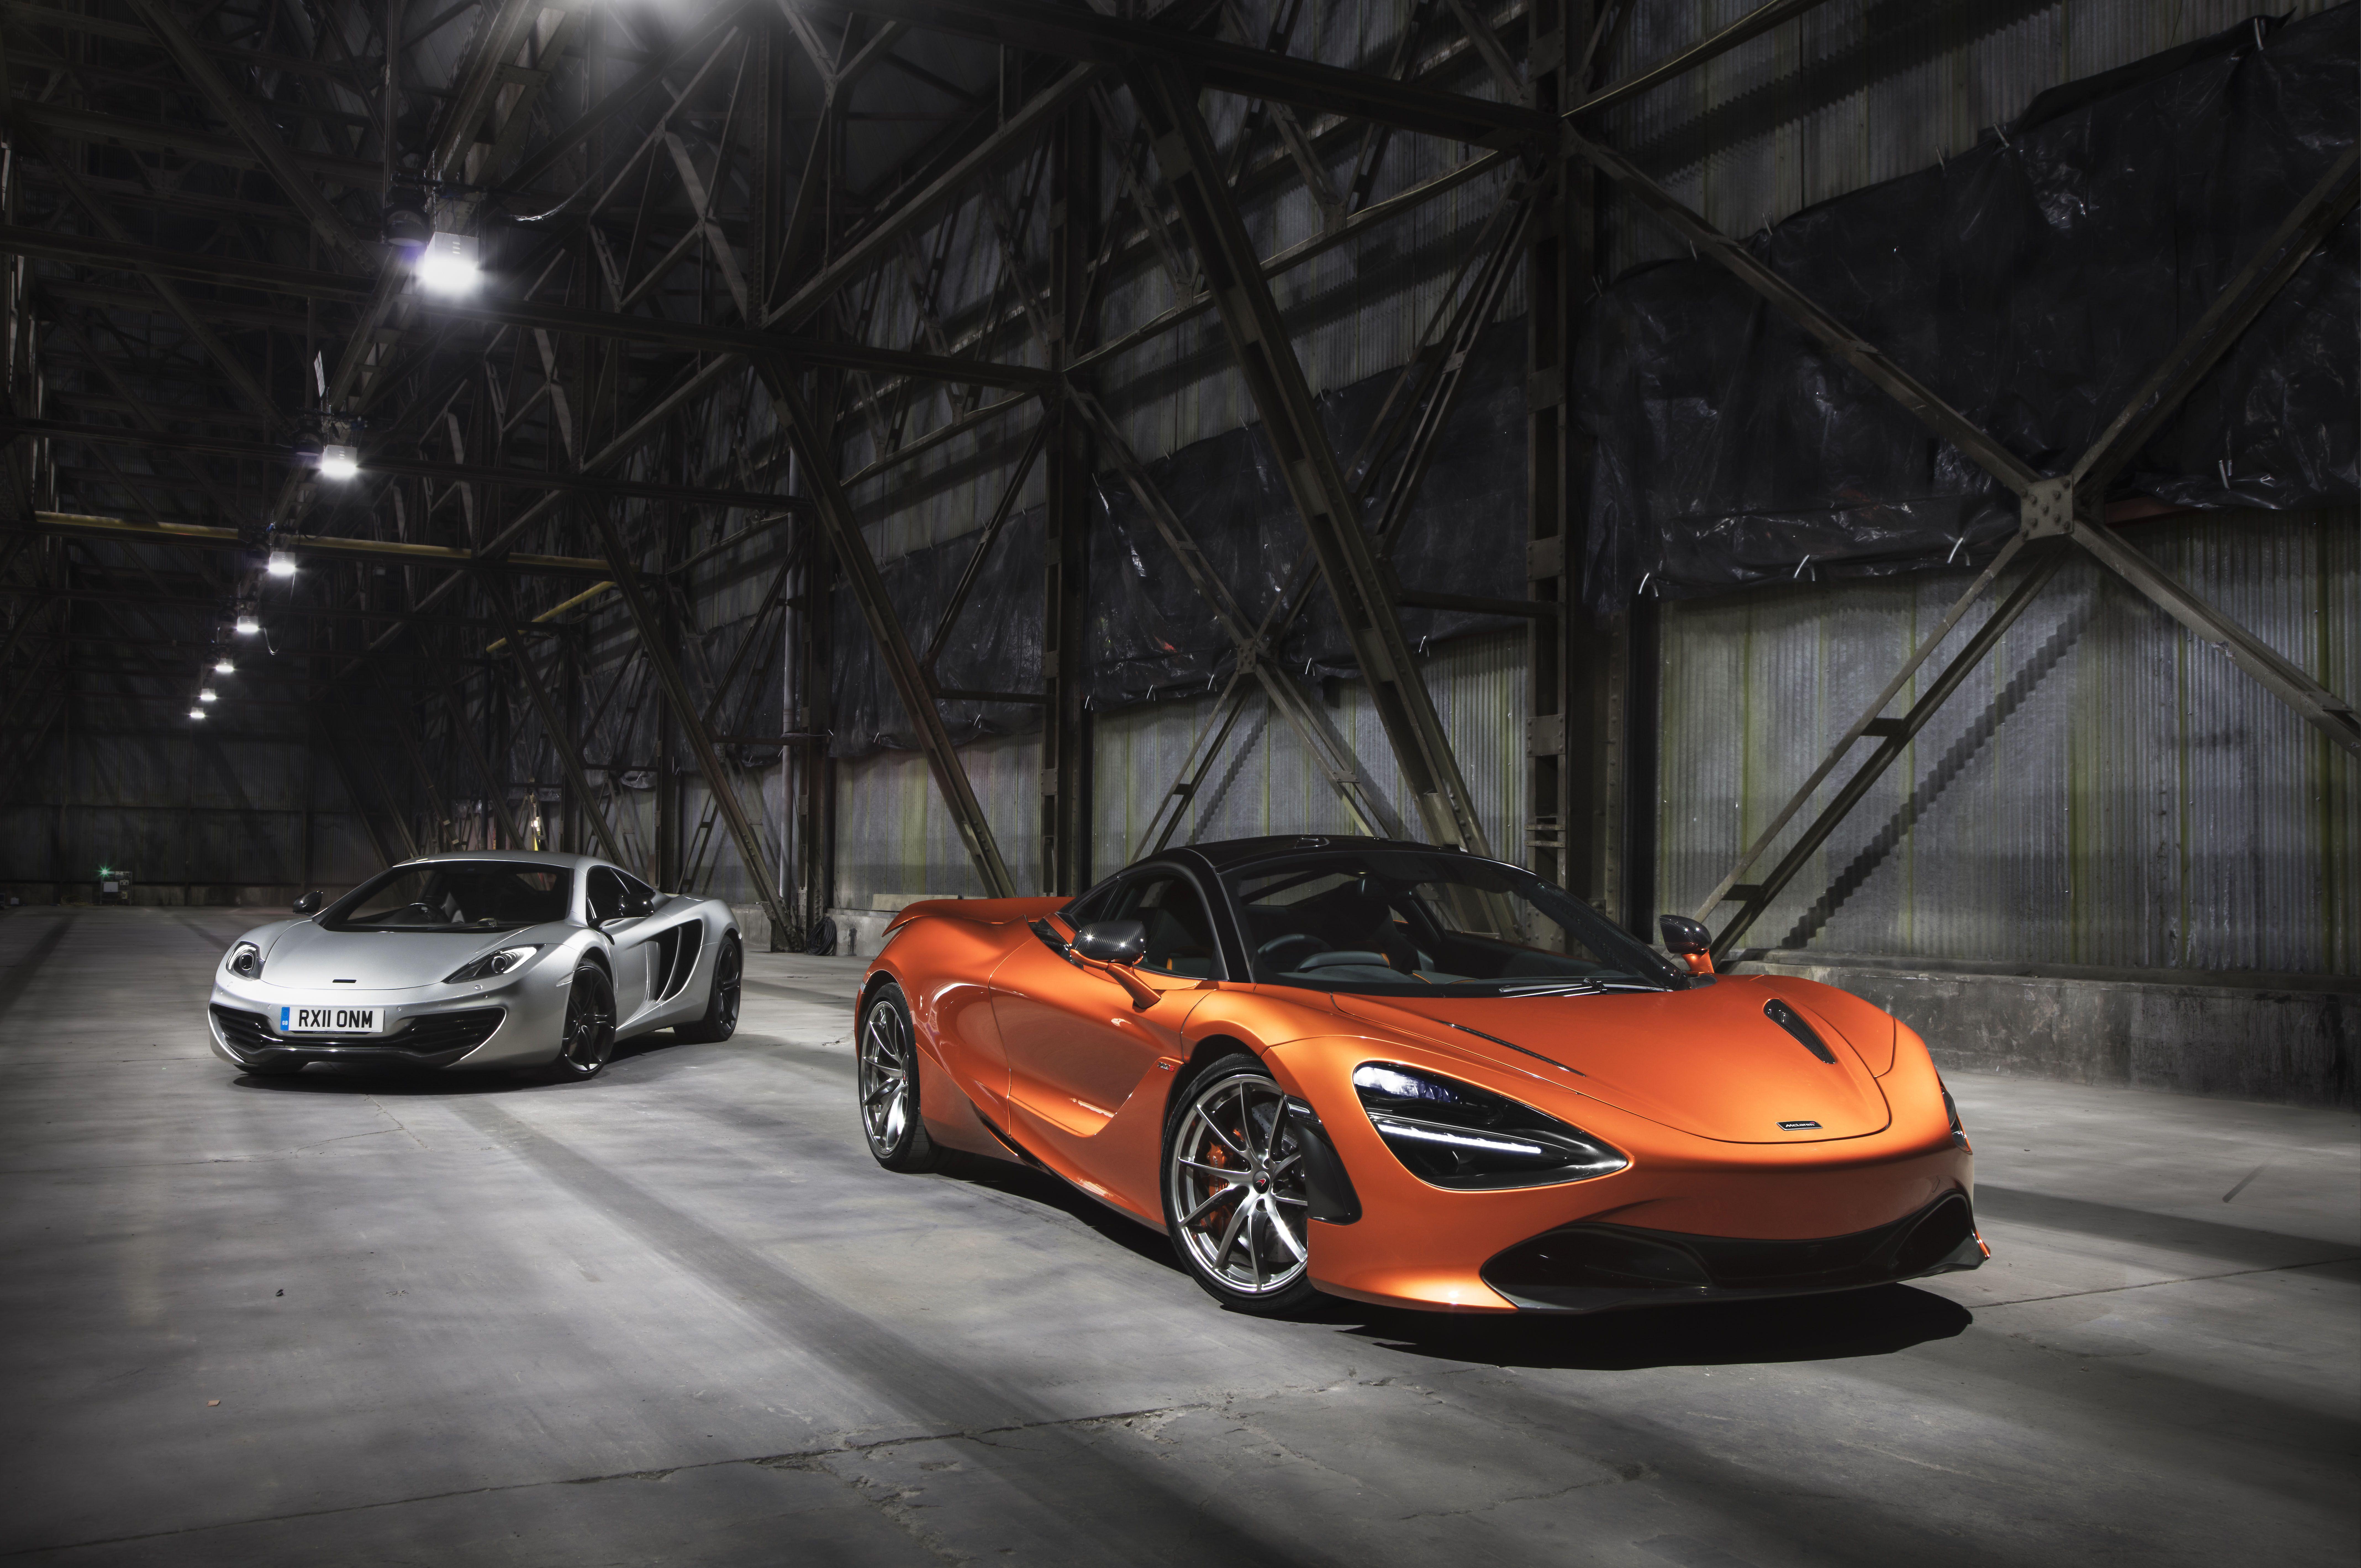 Mclaren 720s Mclaren 2018 Cars Cars Hd 4k 8k Ferrari